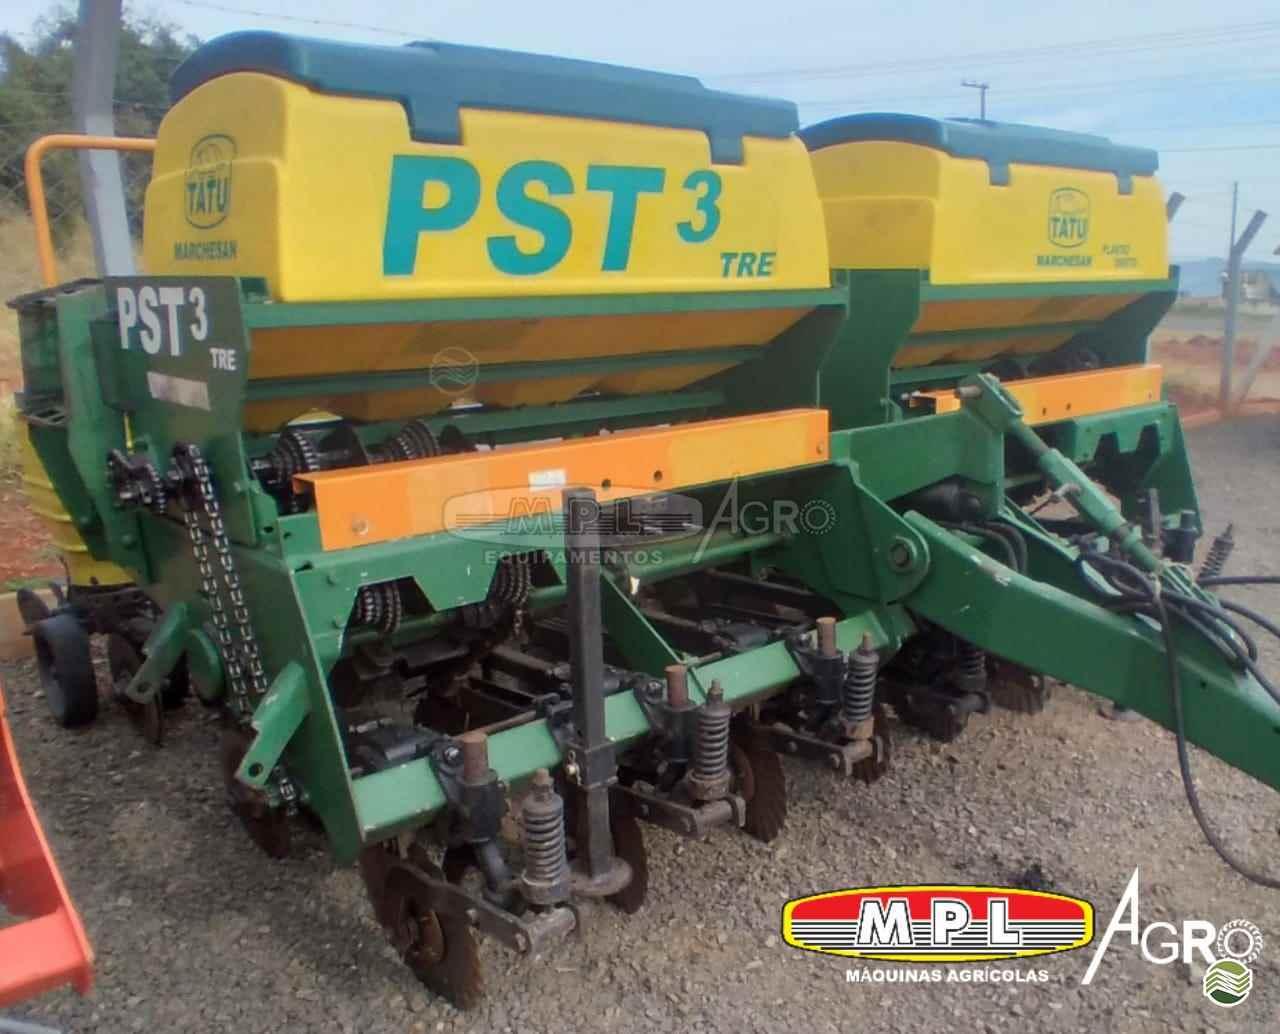 PLANTADEIRA TATU PST 3 MPL Agro - Máquinas Agrícolas IRATI PARANÁ PR